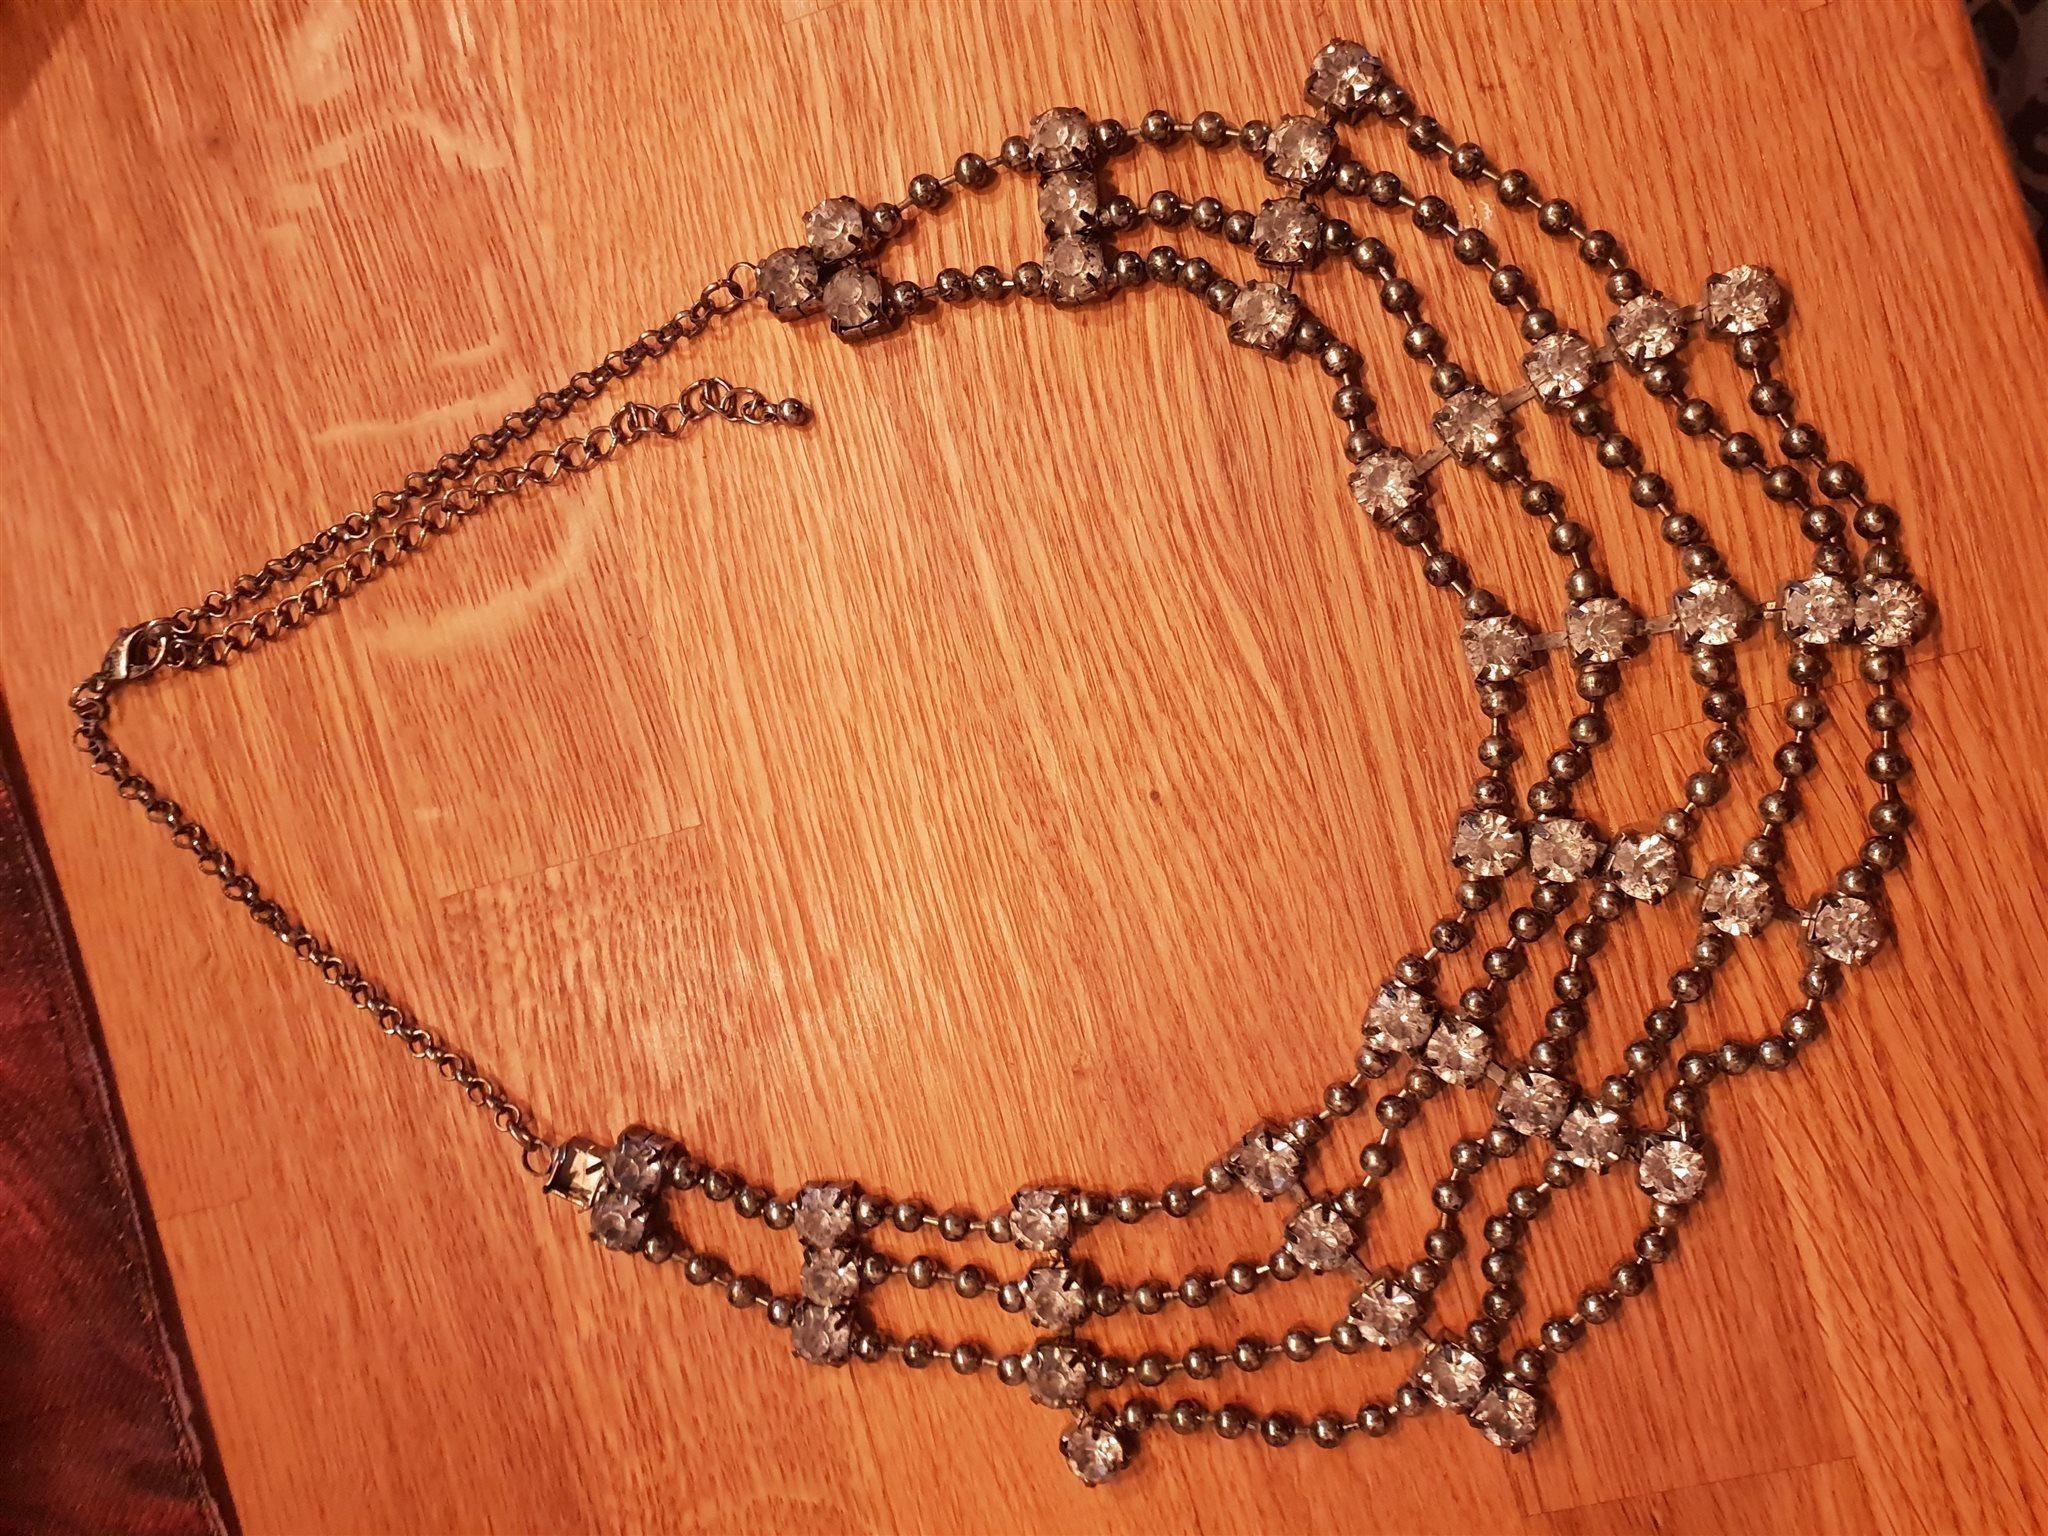 Halsband som ny nyår jul fest strass nelly (332027007) ᐈ Köp på Tradera 2eefe71e9cd22